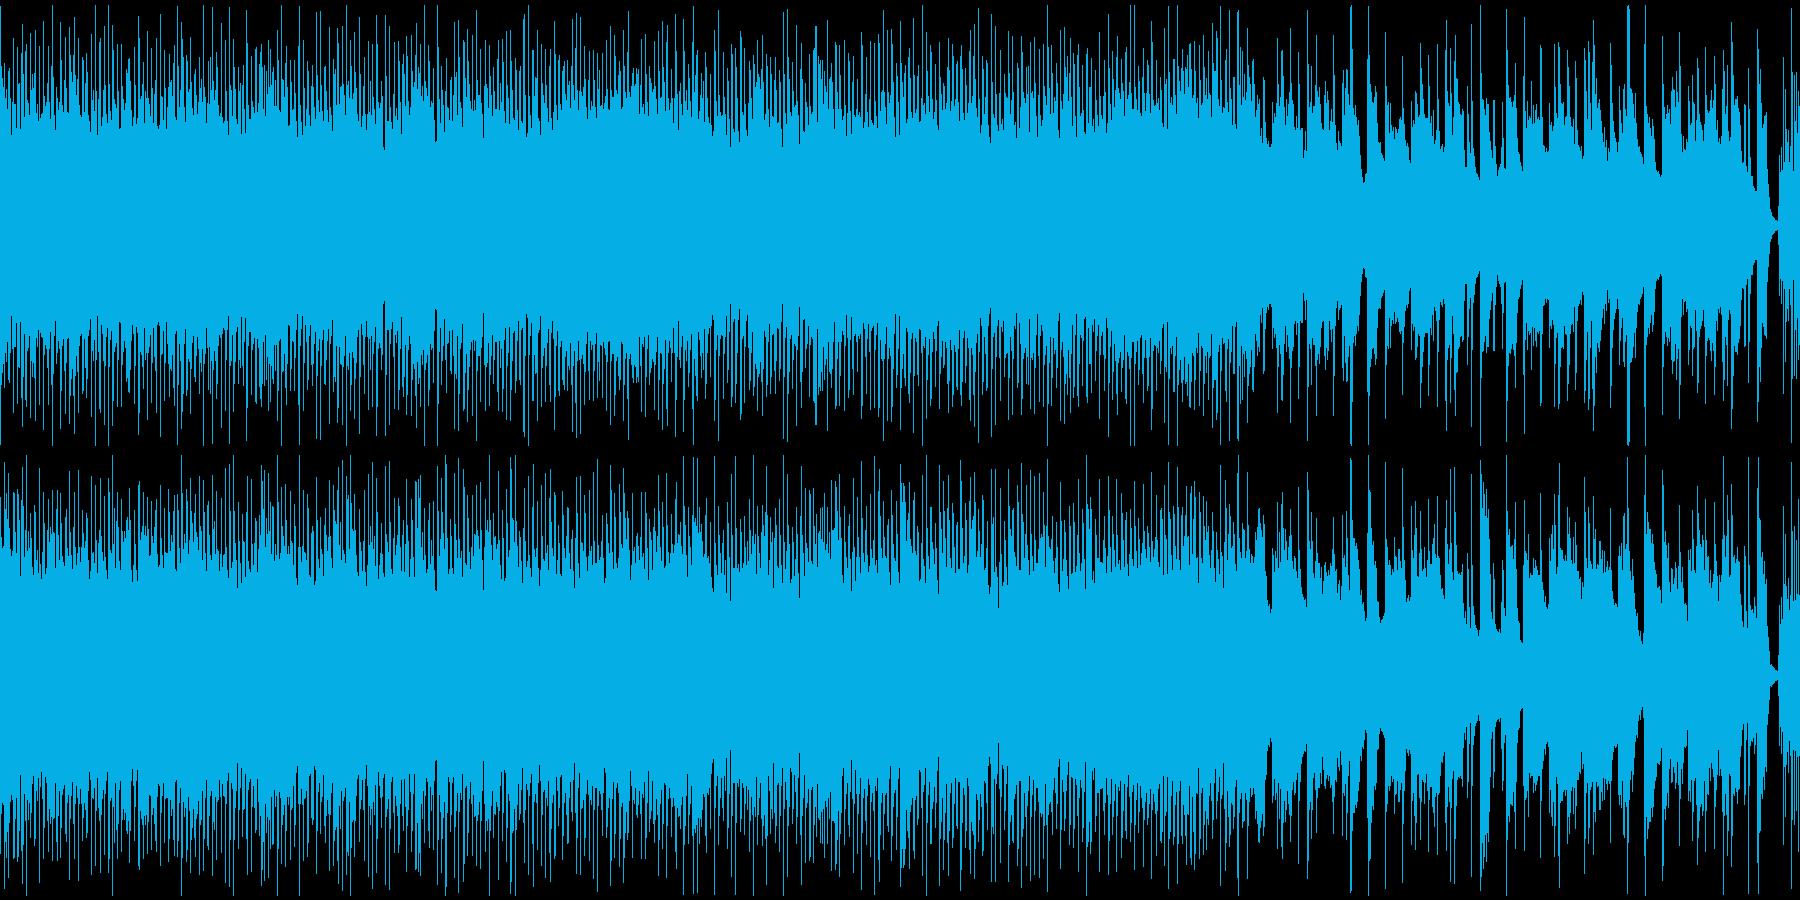 レトロな雰囲気を持つ戦闘BGMの再生済みの波形